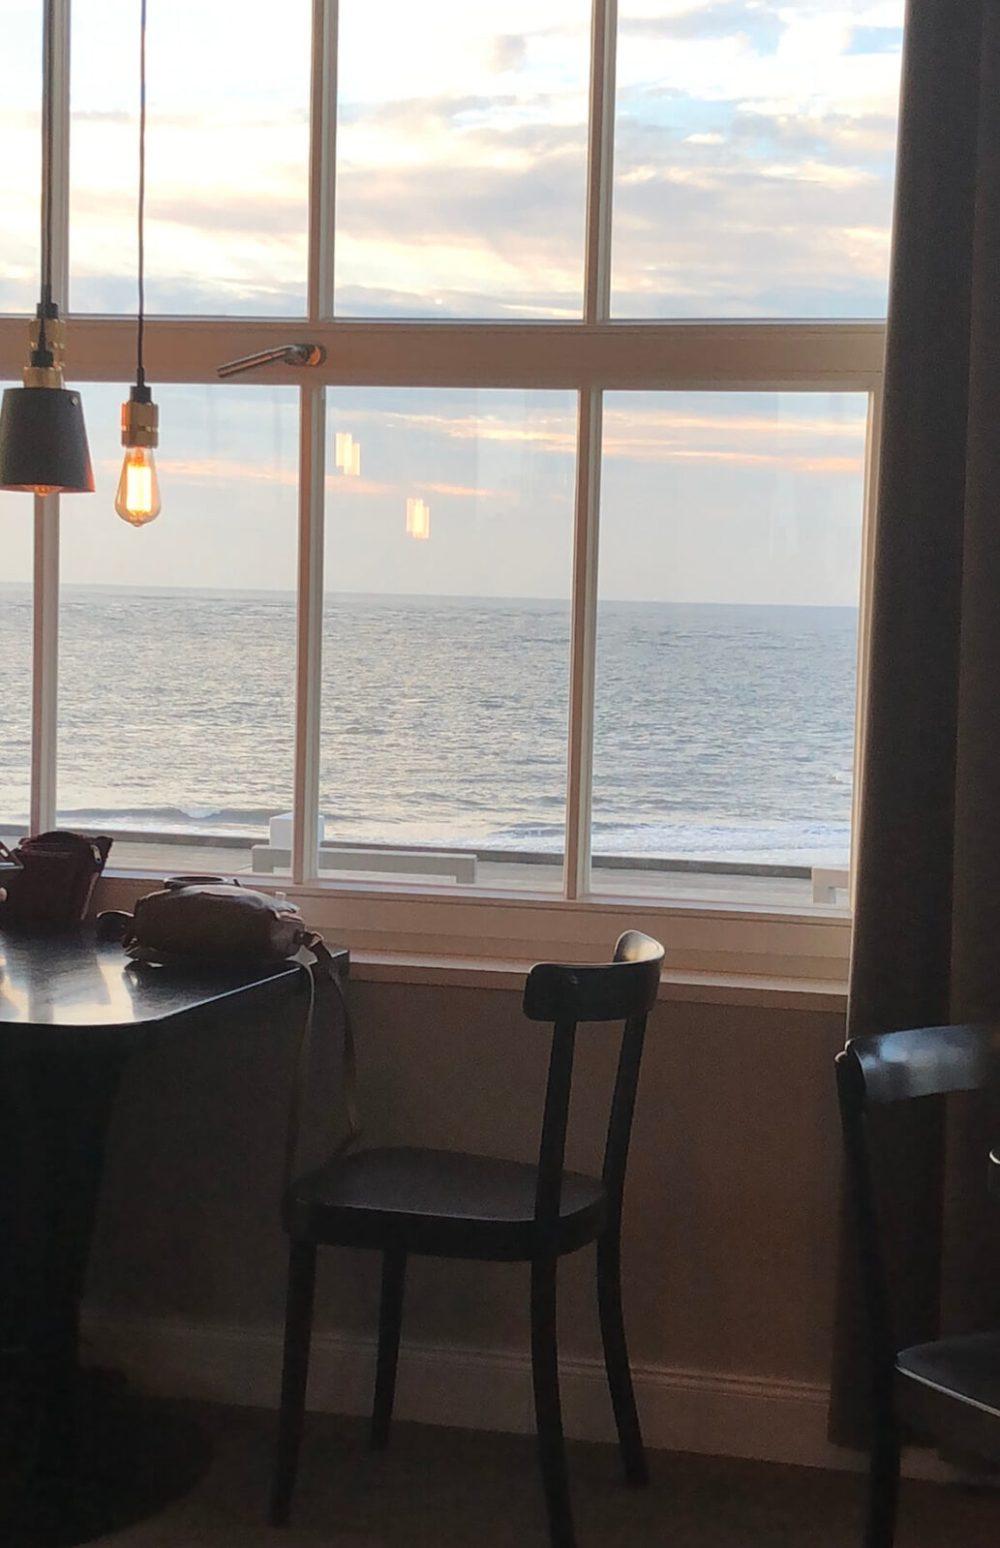 Blick aus dem Café Marienhöhe auf die Nordsee